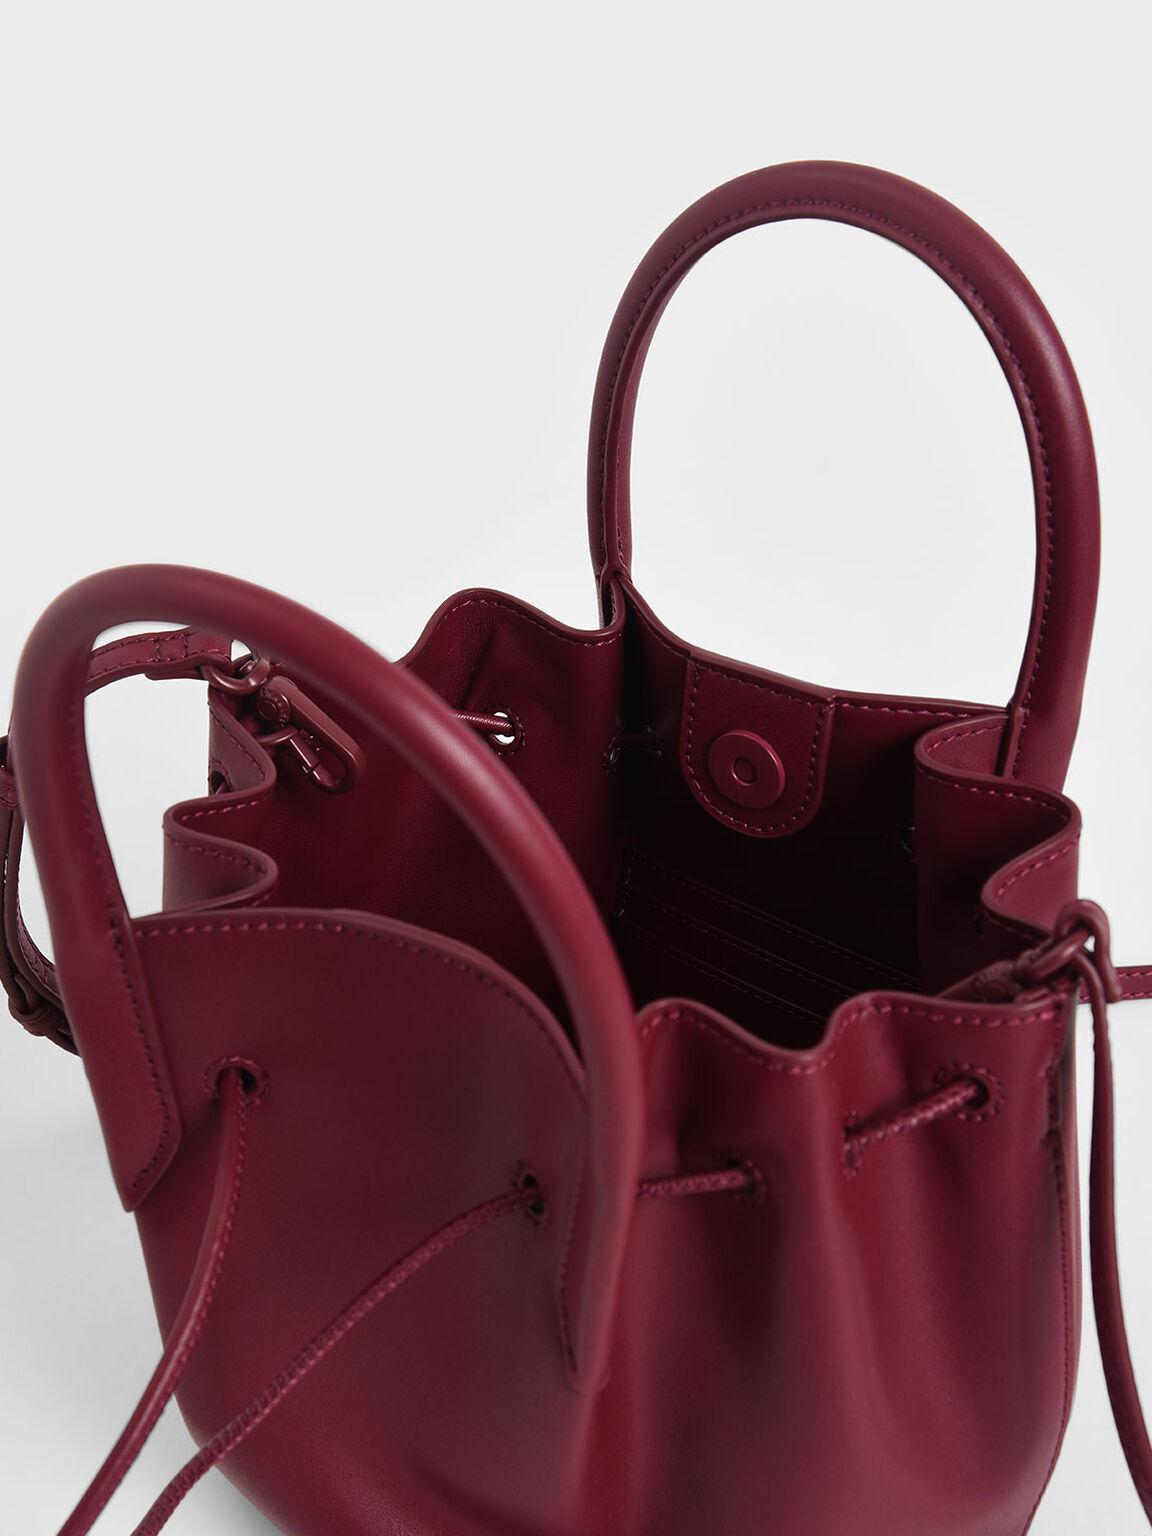 Drawstring Top Handle Bag, Red, hi-res